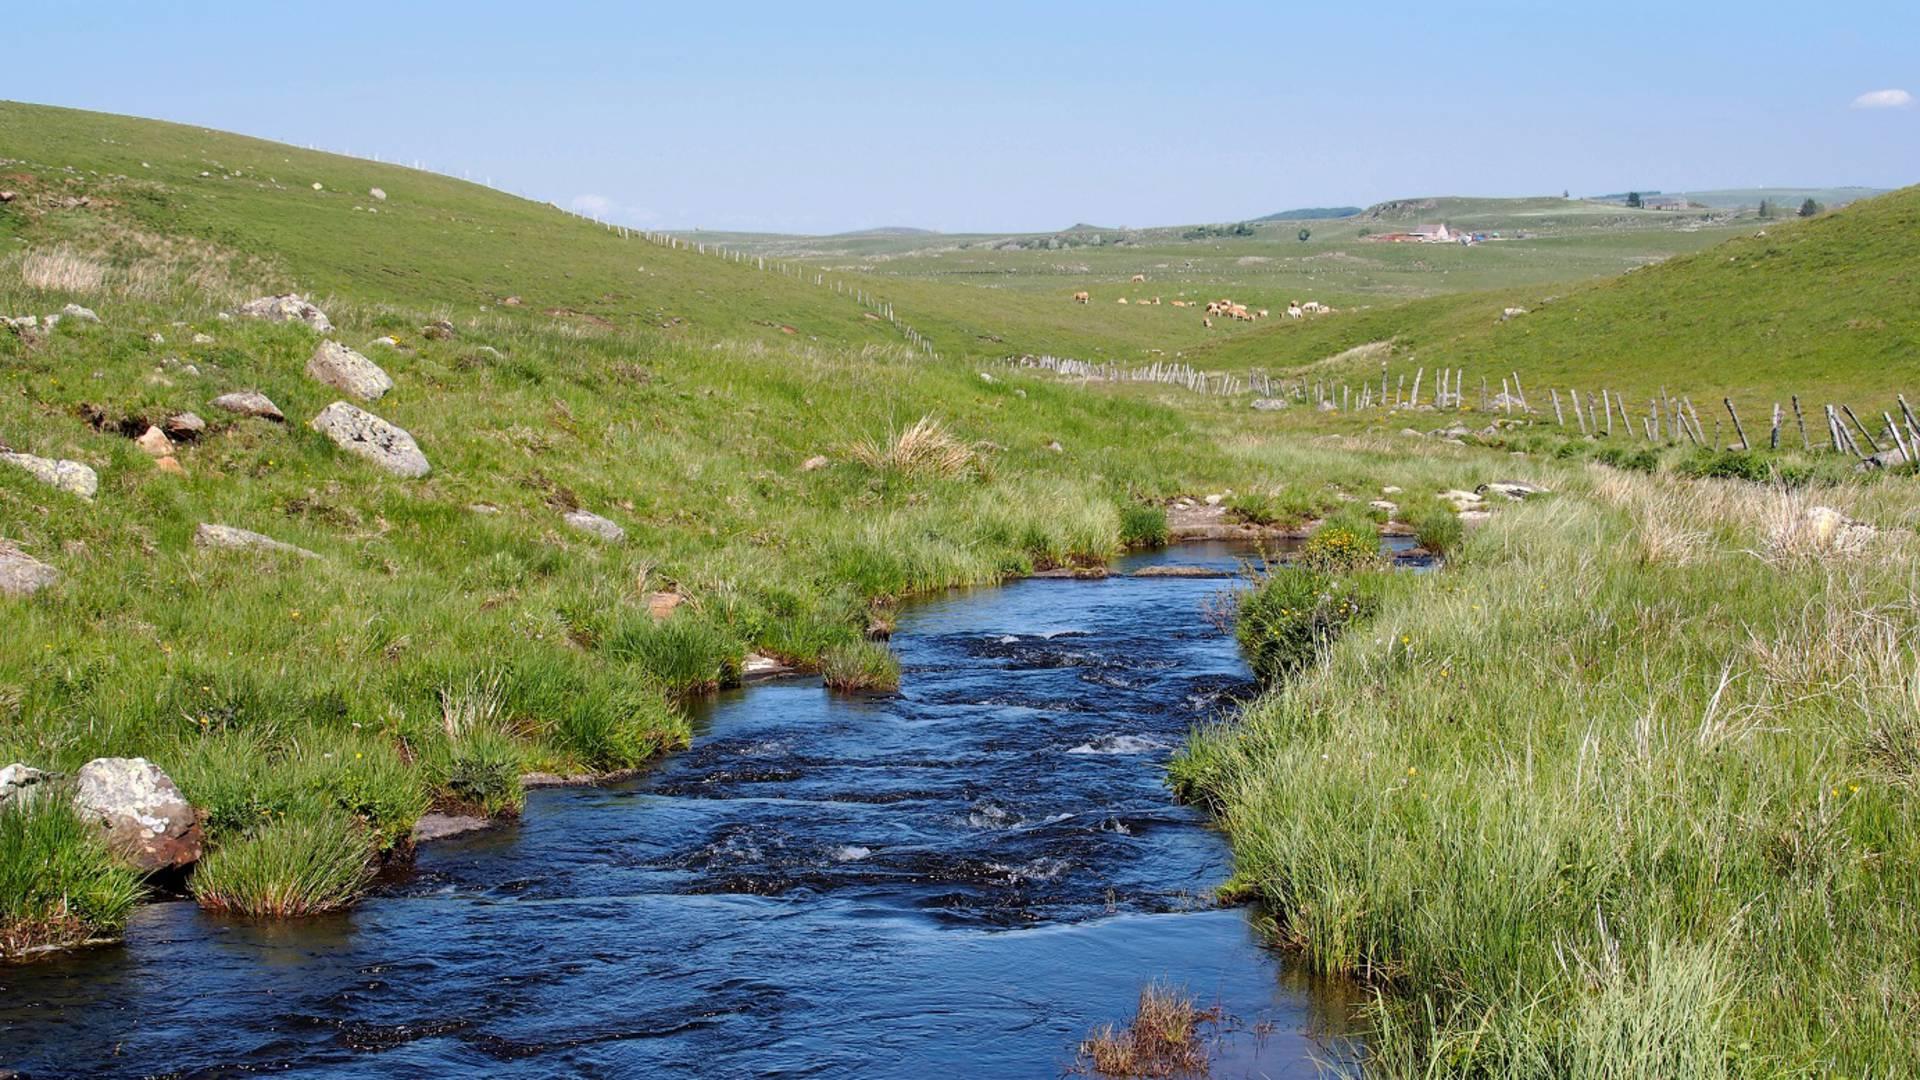 Un boralde serpentant à travers le plateau.